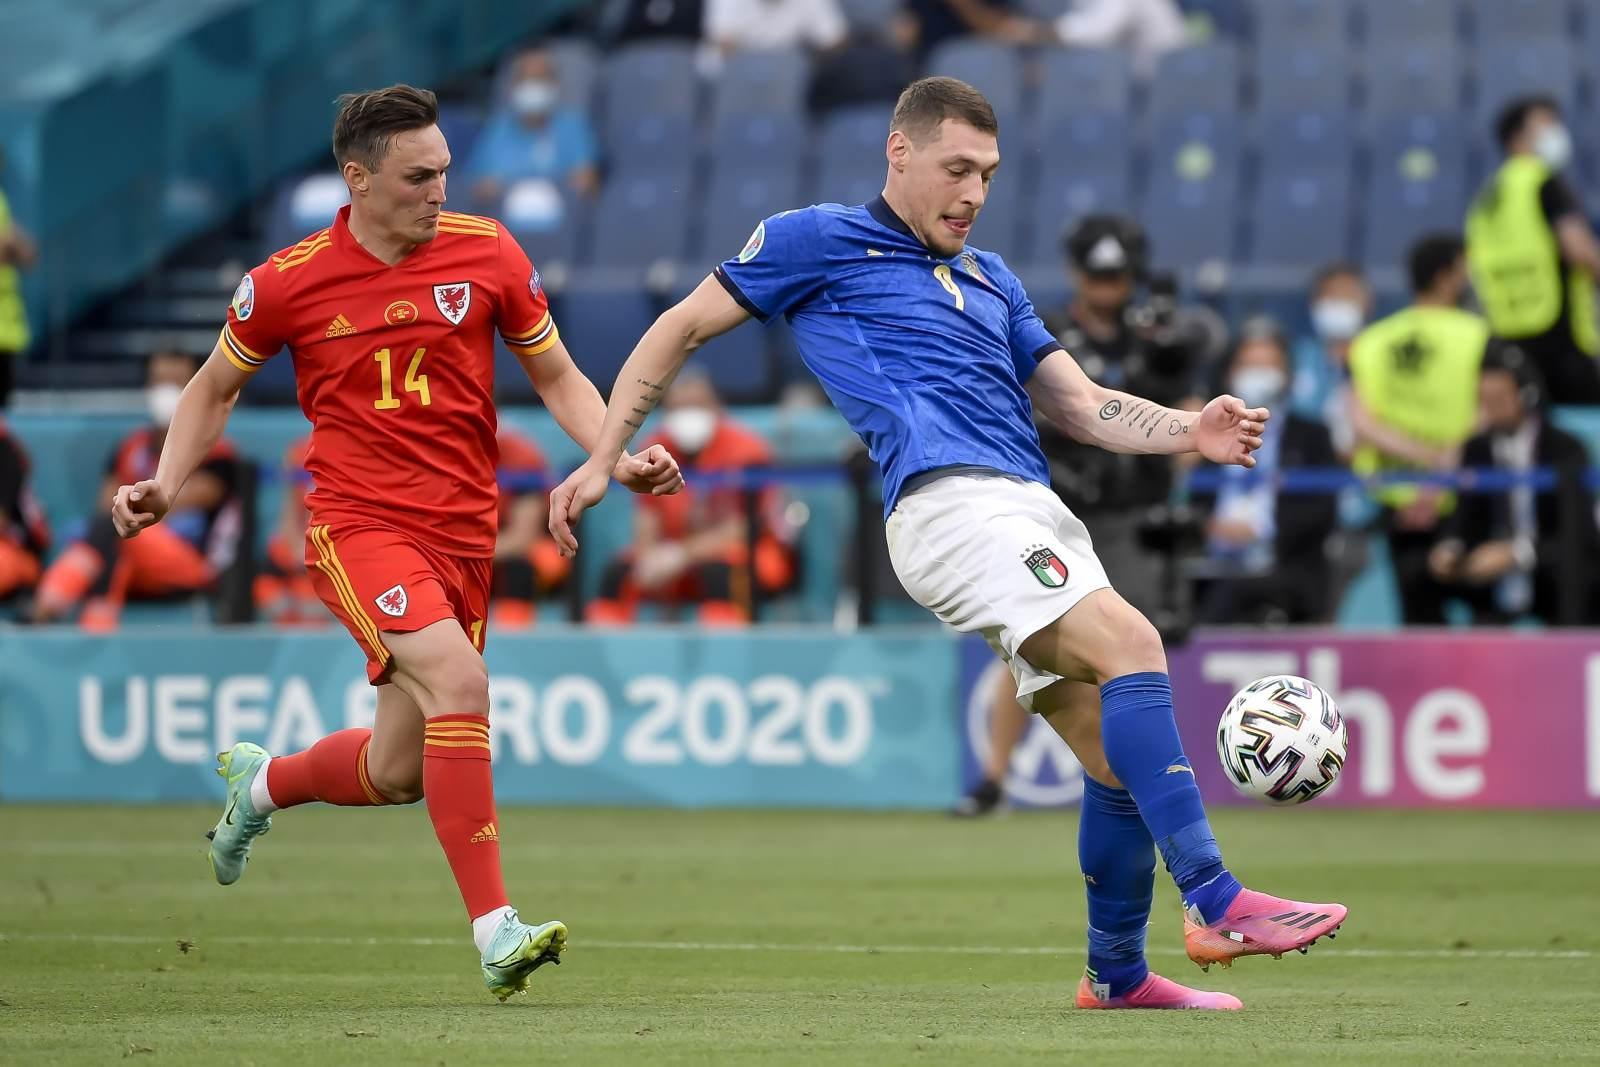 Защитник сборной Уэльса получил травму в игре с Данией